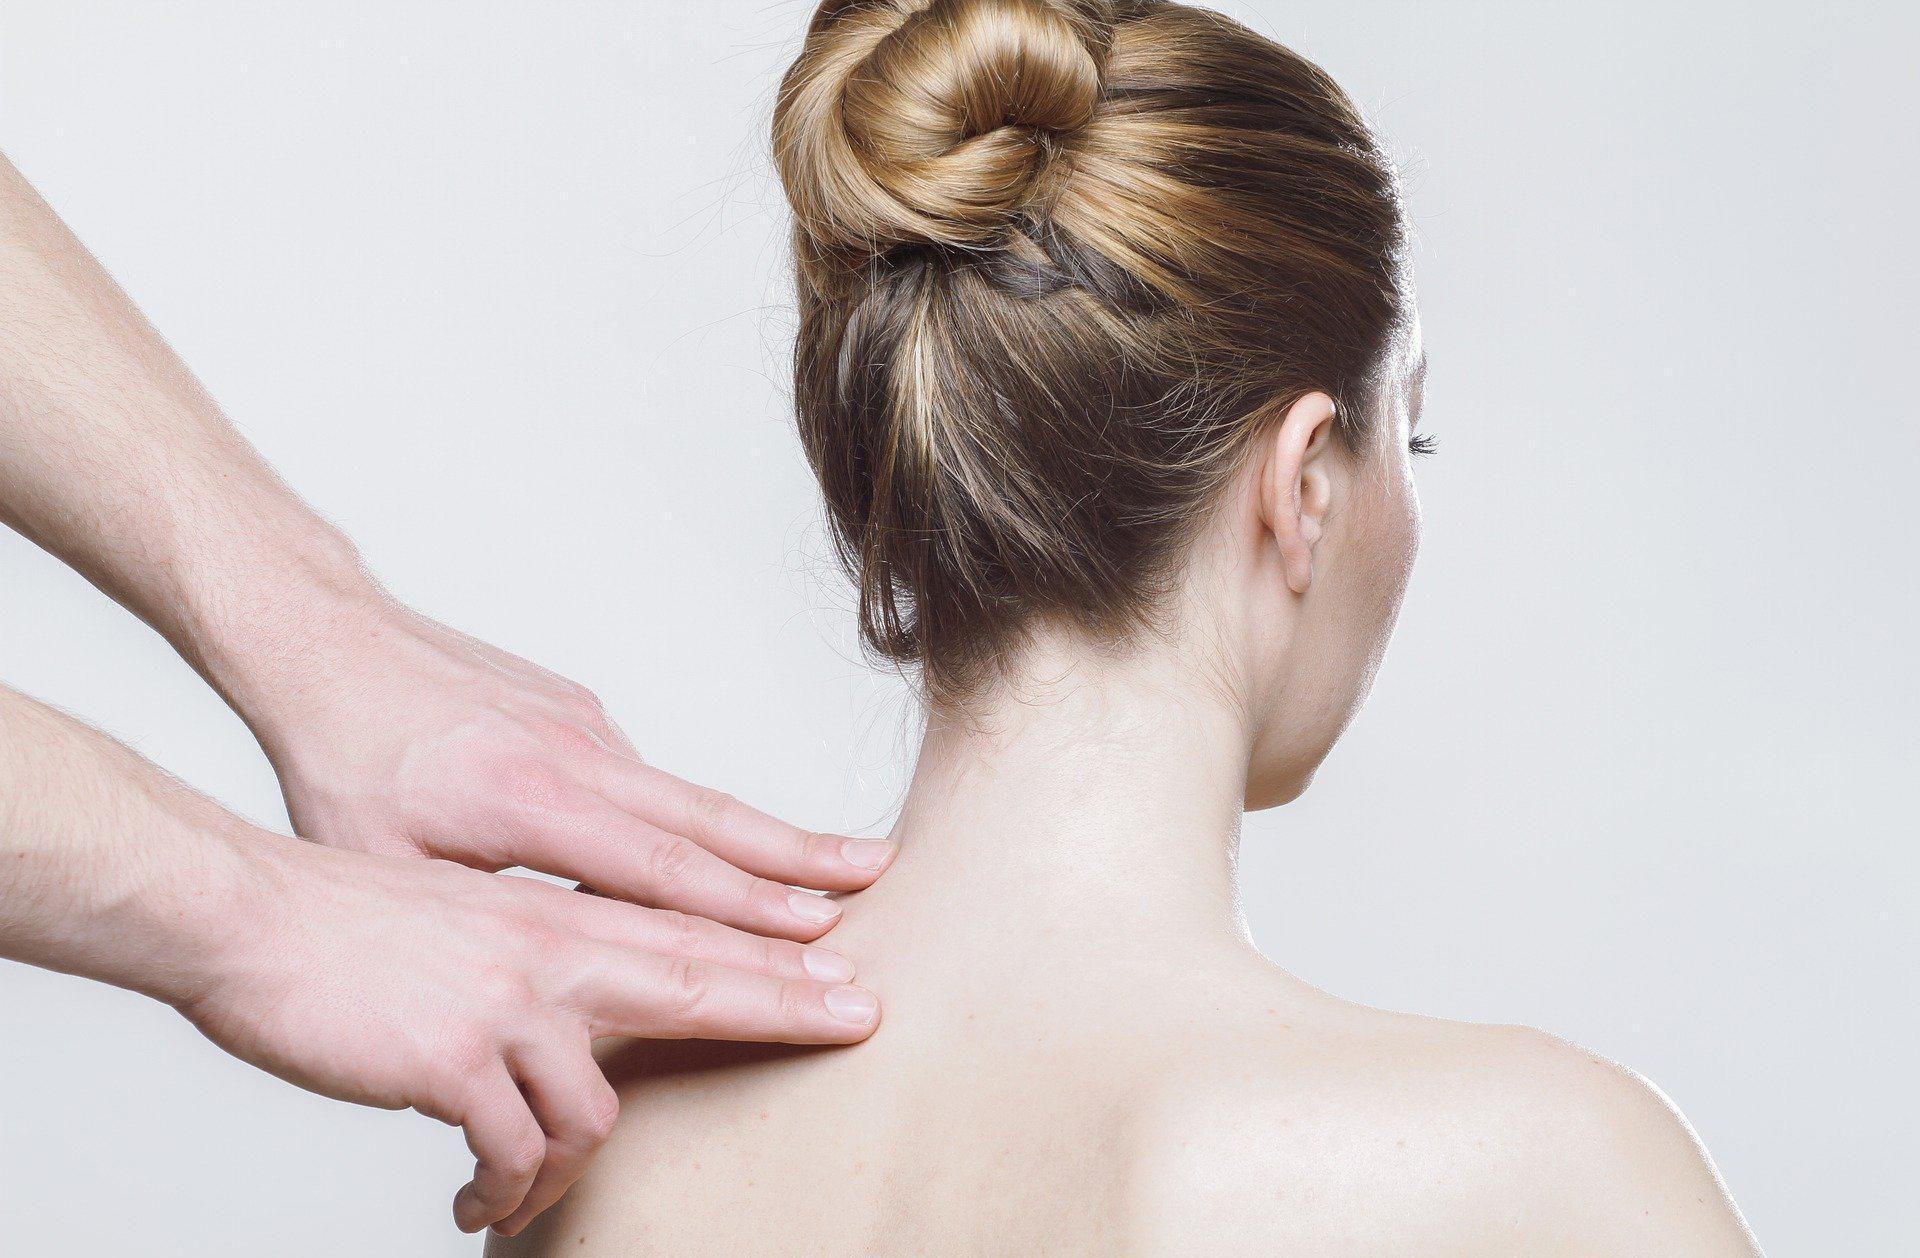 Massage_cut